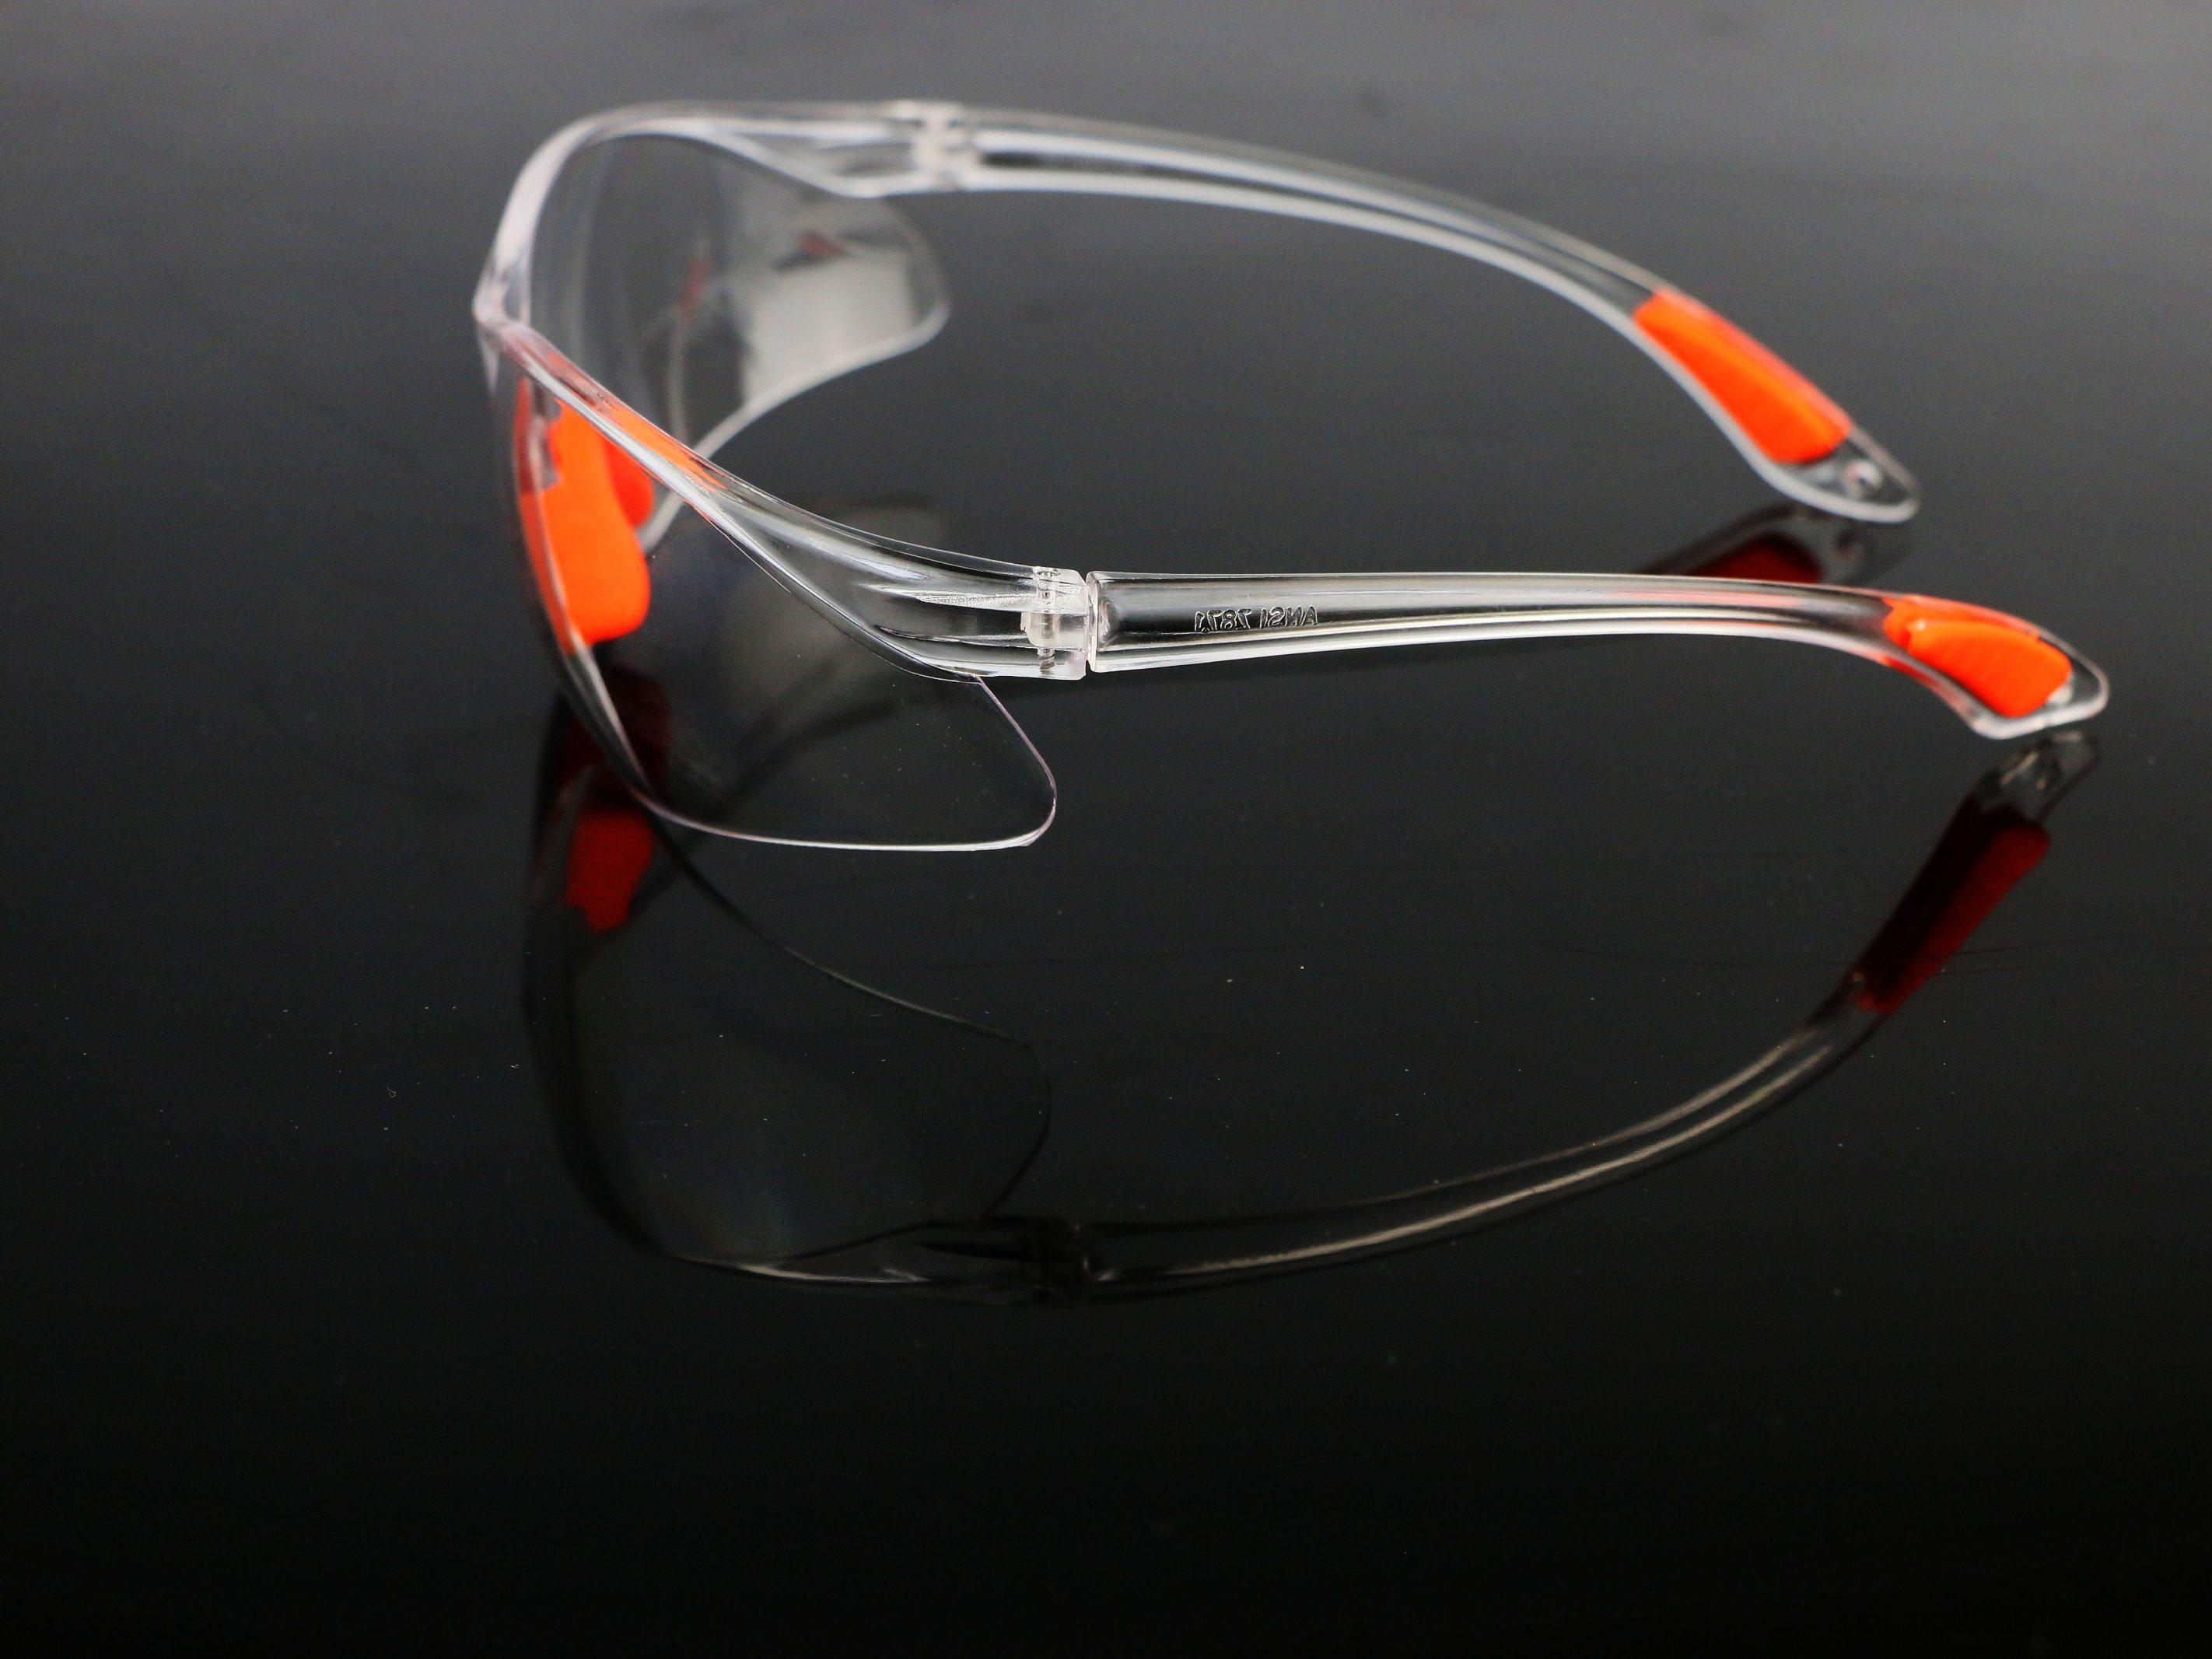 2020 NOVOS Produtos de proteção de óculos com preço barato